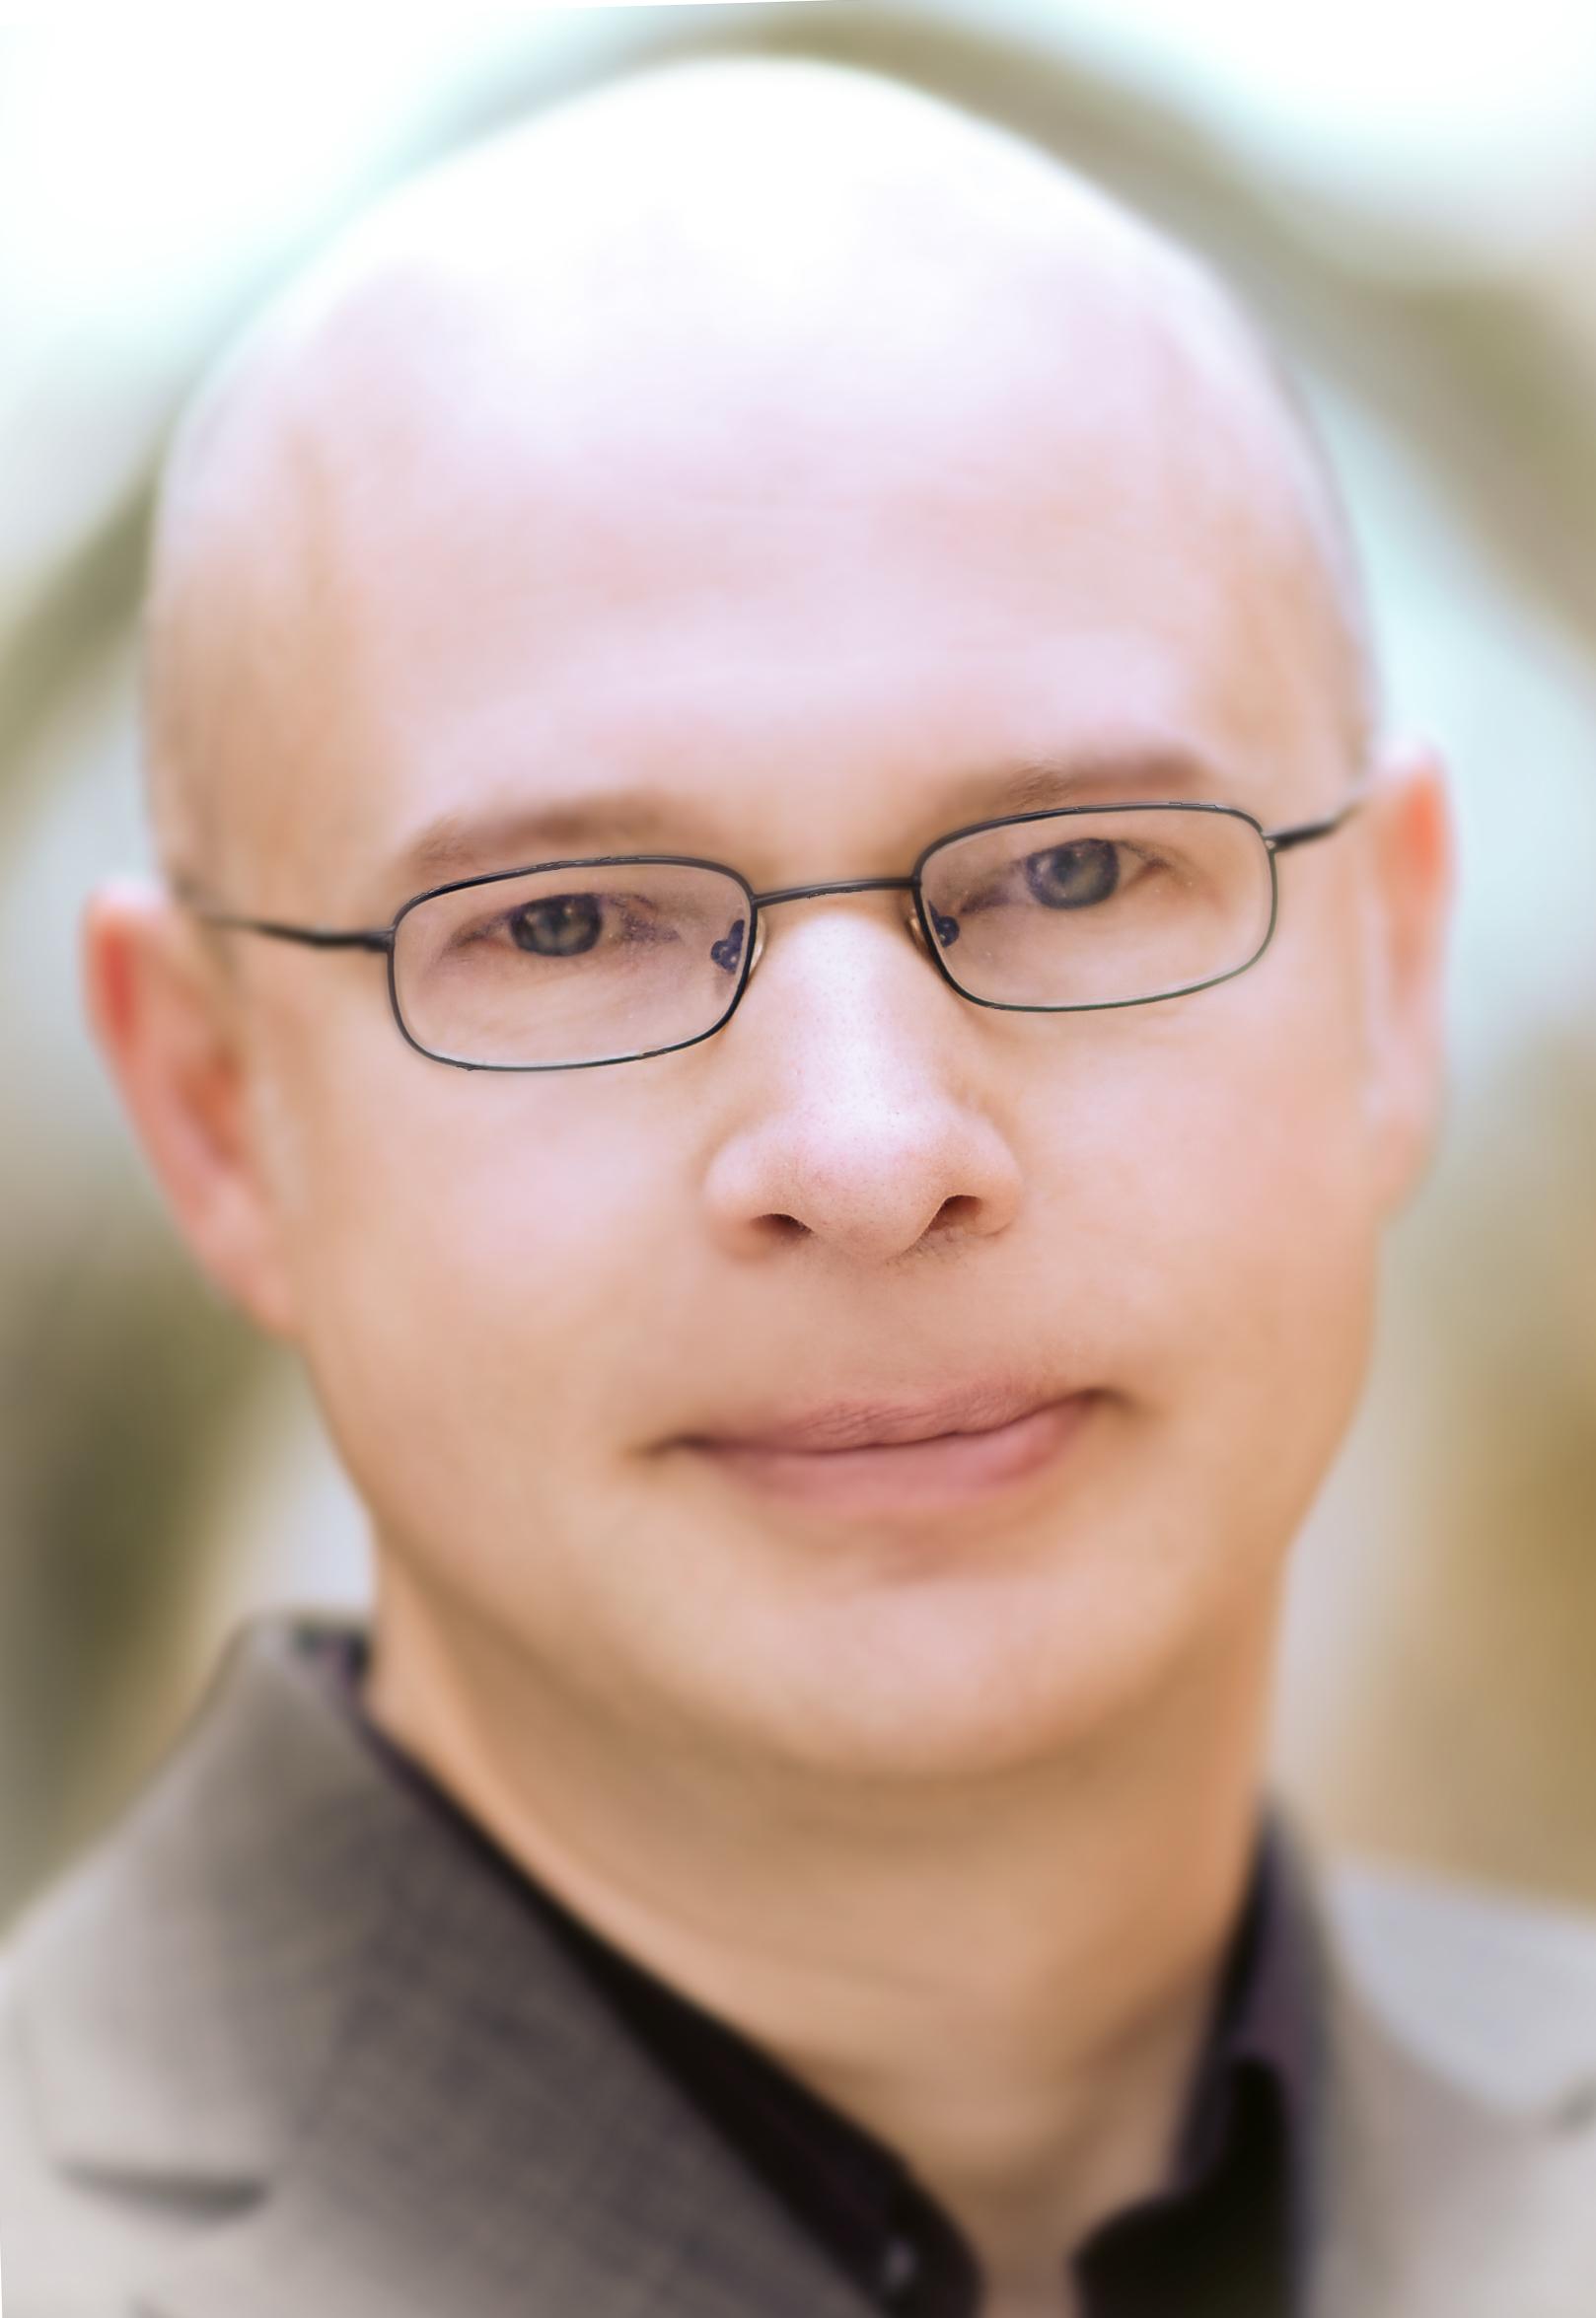 Die Hypnose gegen Ängste bei Dr. phil. Elmar Basse